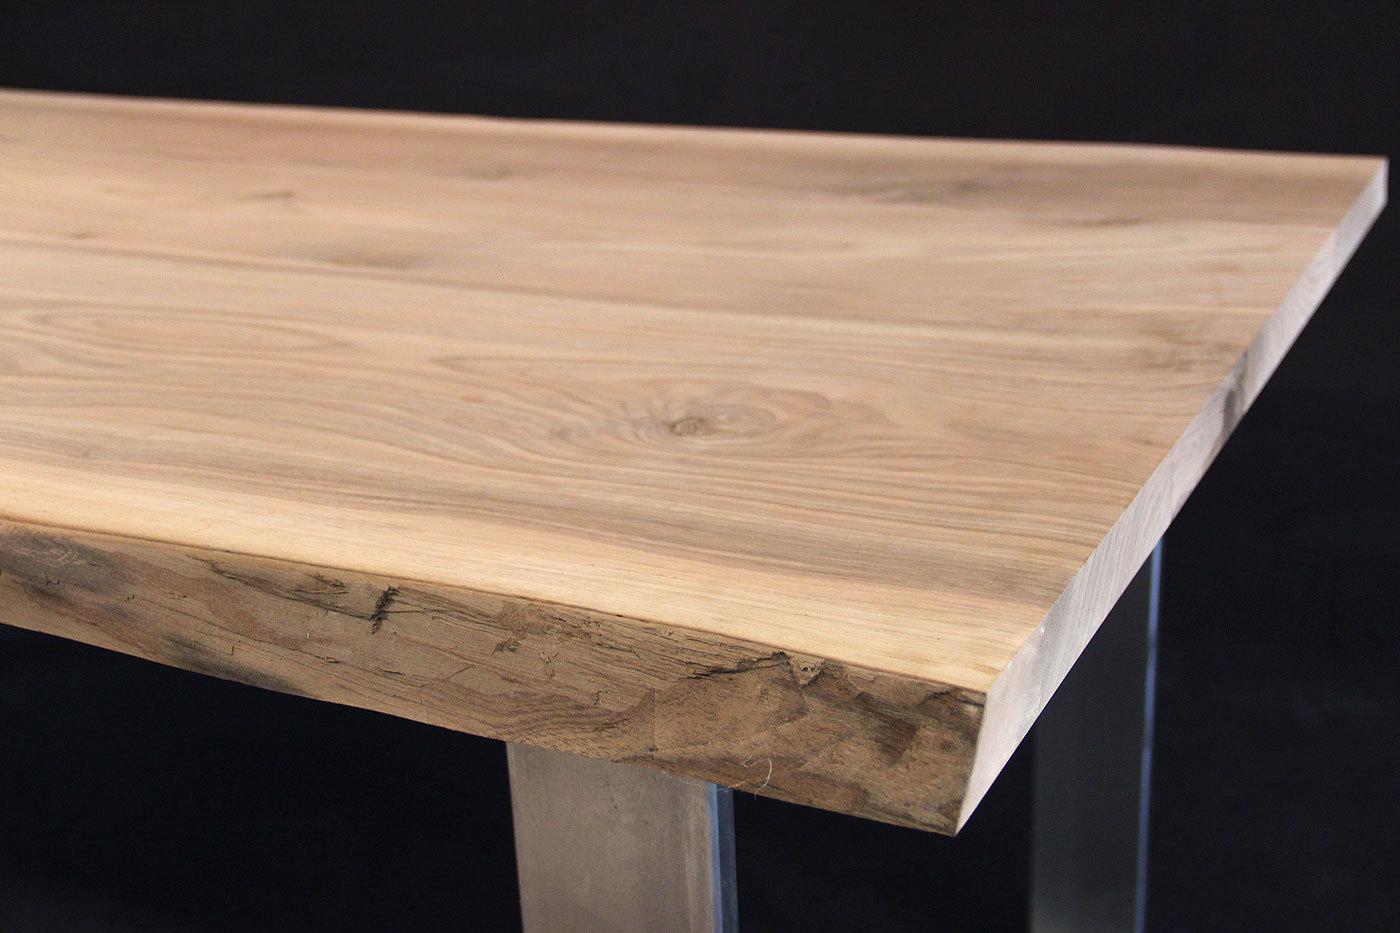 Tischplatte Massivholz Baumkante ~ Massivholz Tischplatte Nußbaum kaukasisch, gedämpft, AB mit Splint